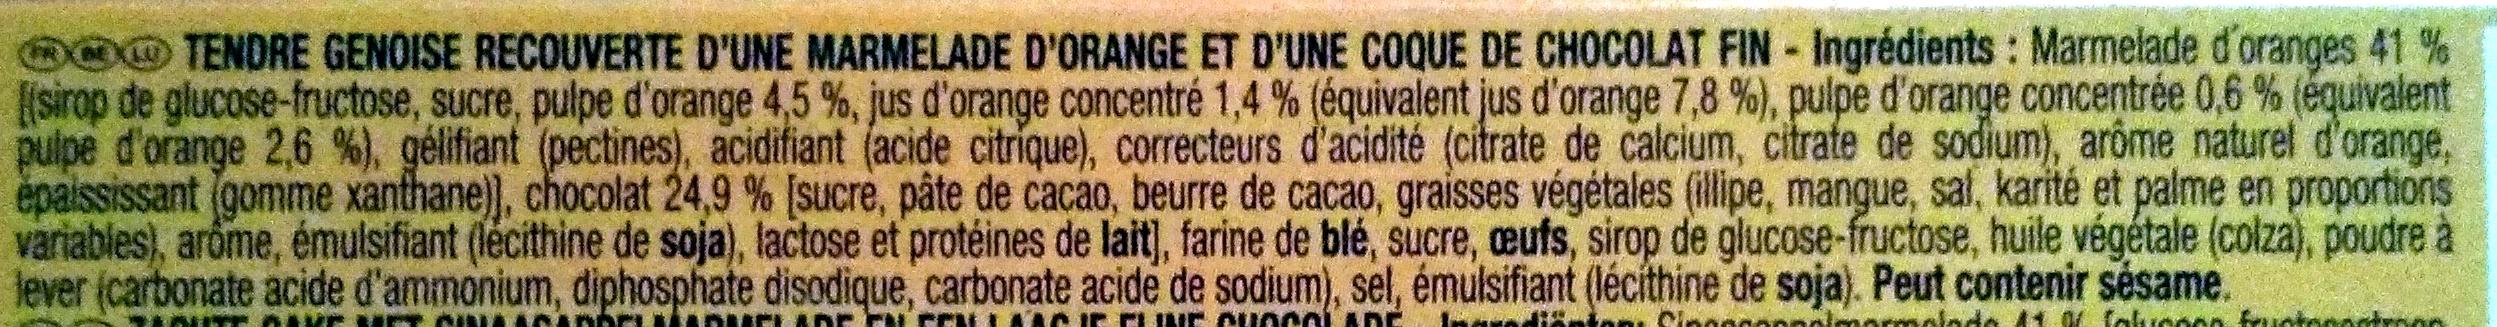 PiM's L'Original Orange - Ingredients